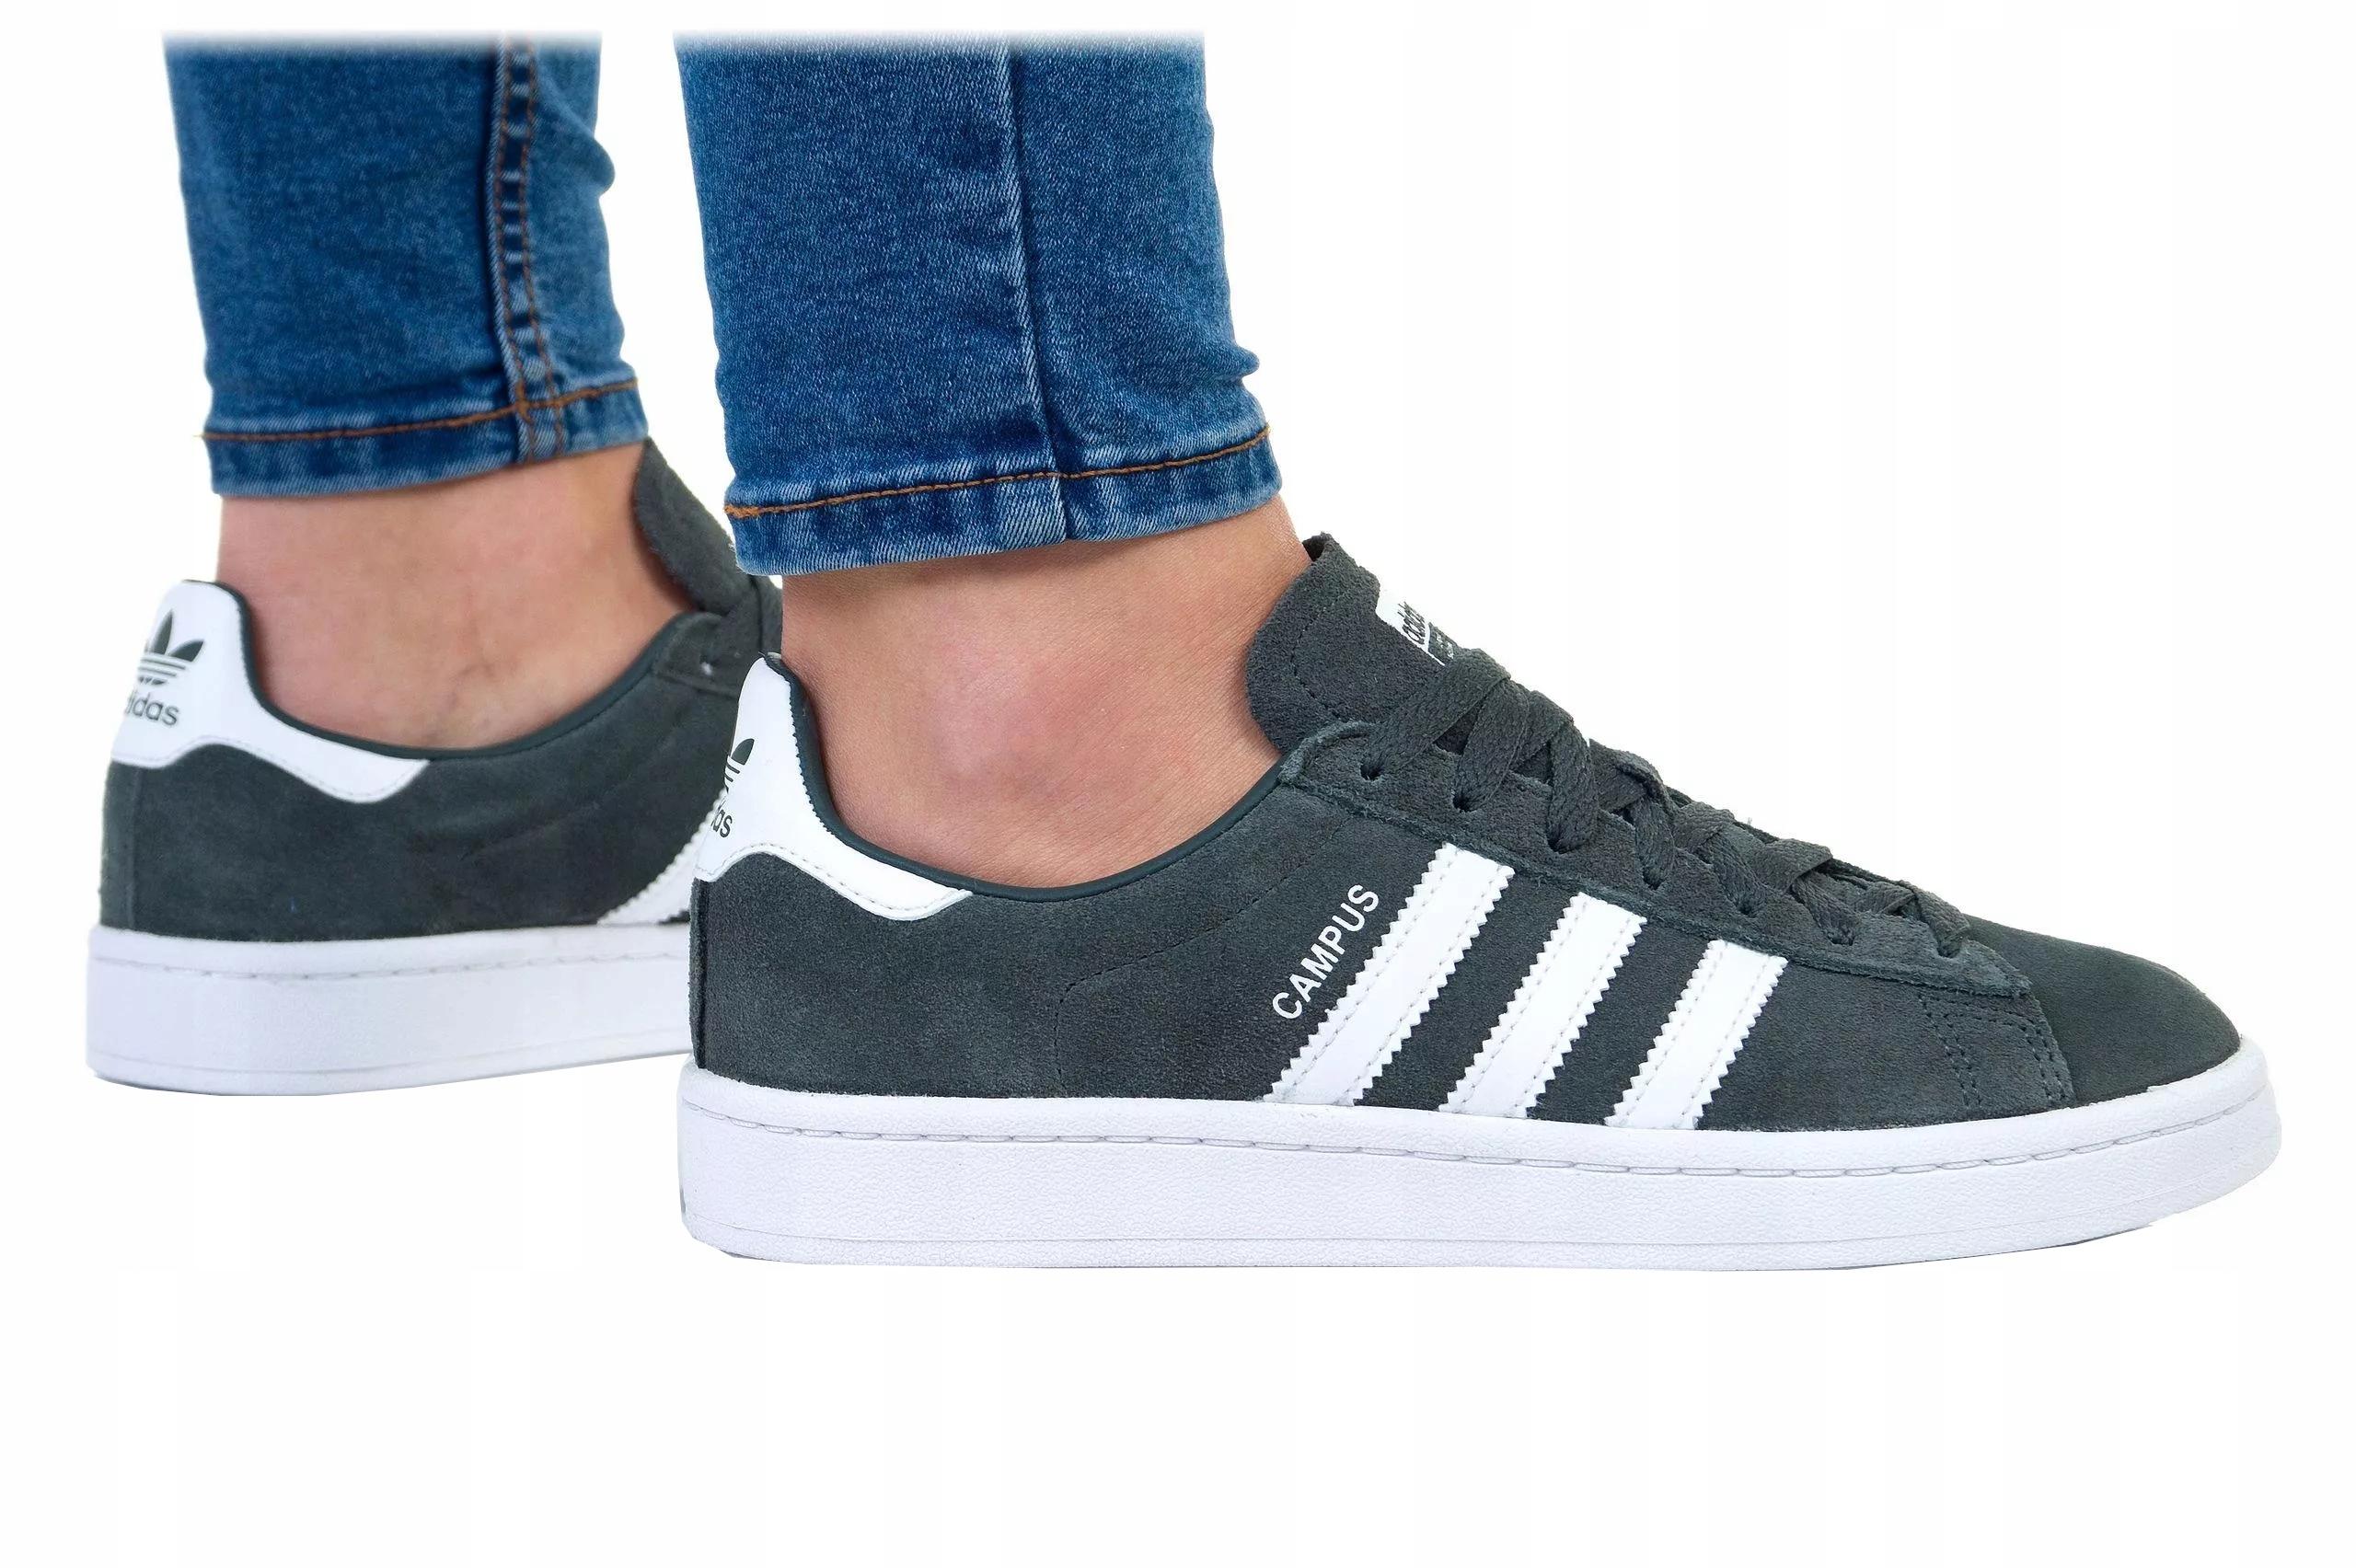 alegro buty młodzierzowe adidas 37